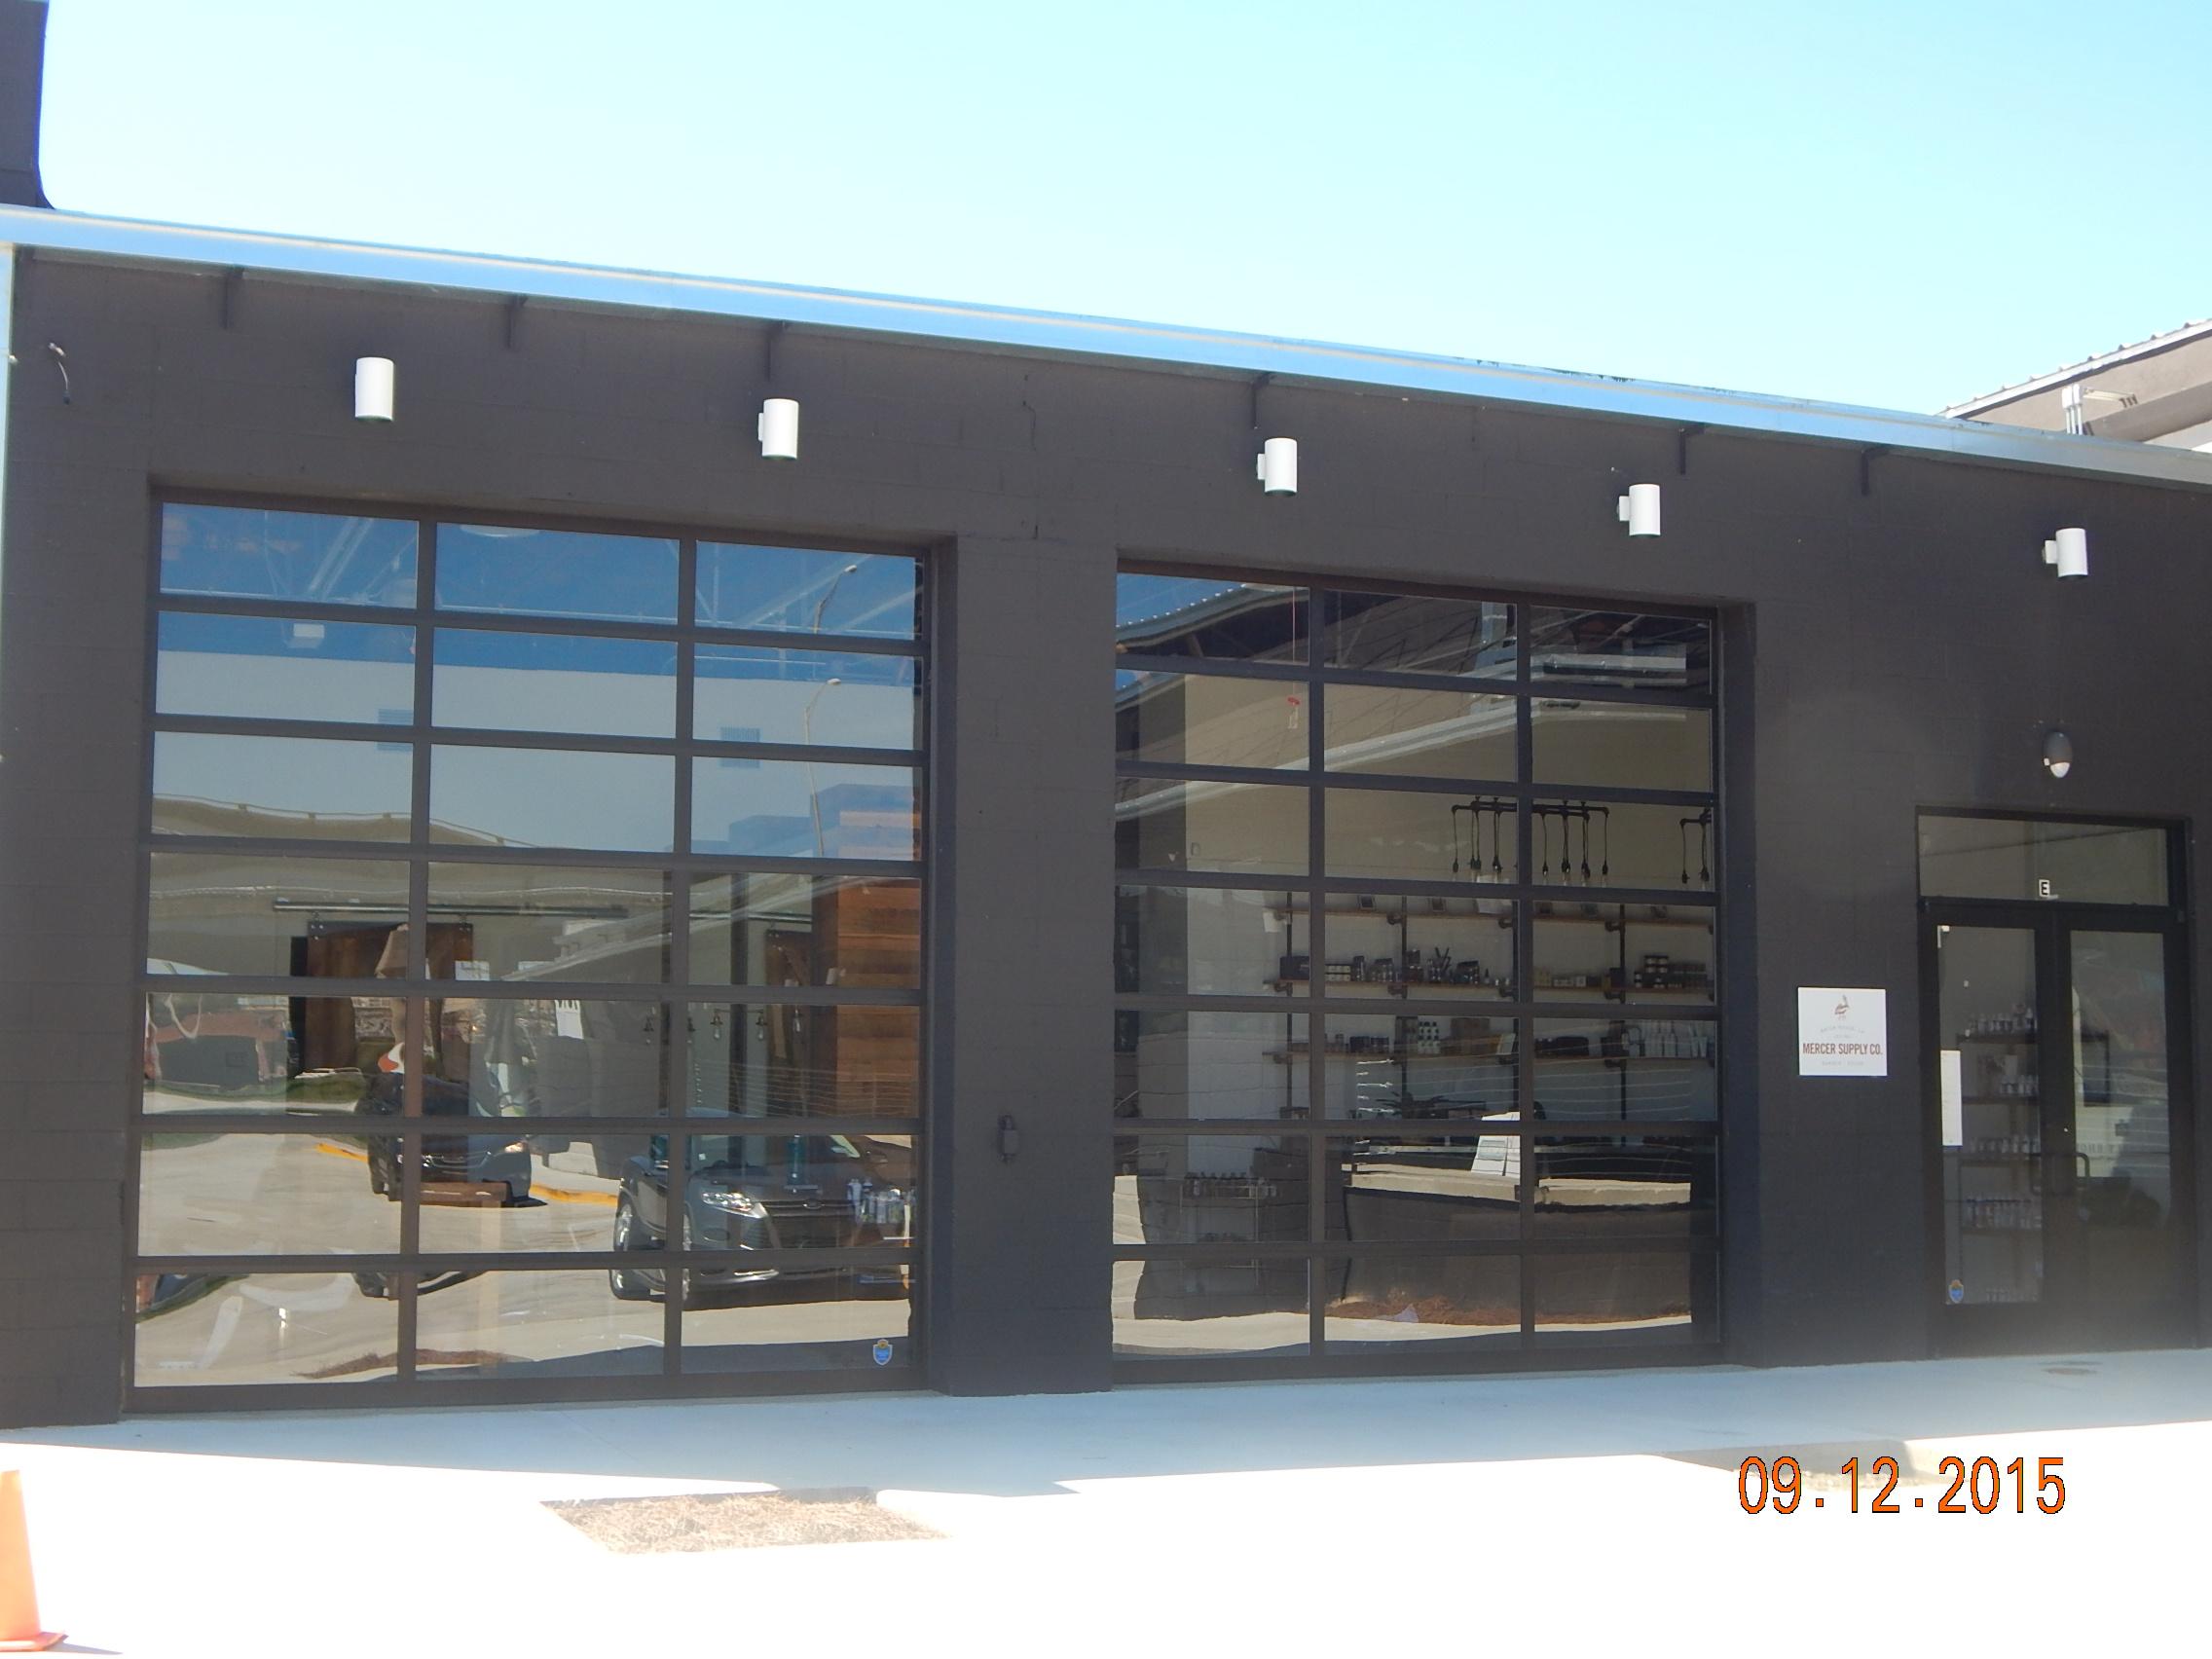 blog rayner doors buildings finger trap anti steel comar commercial in door